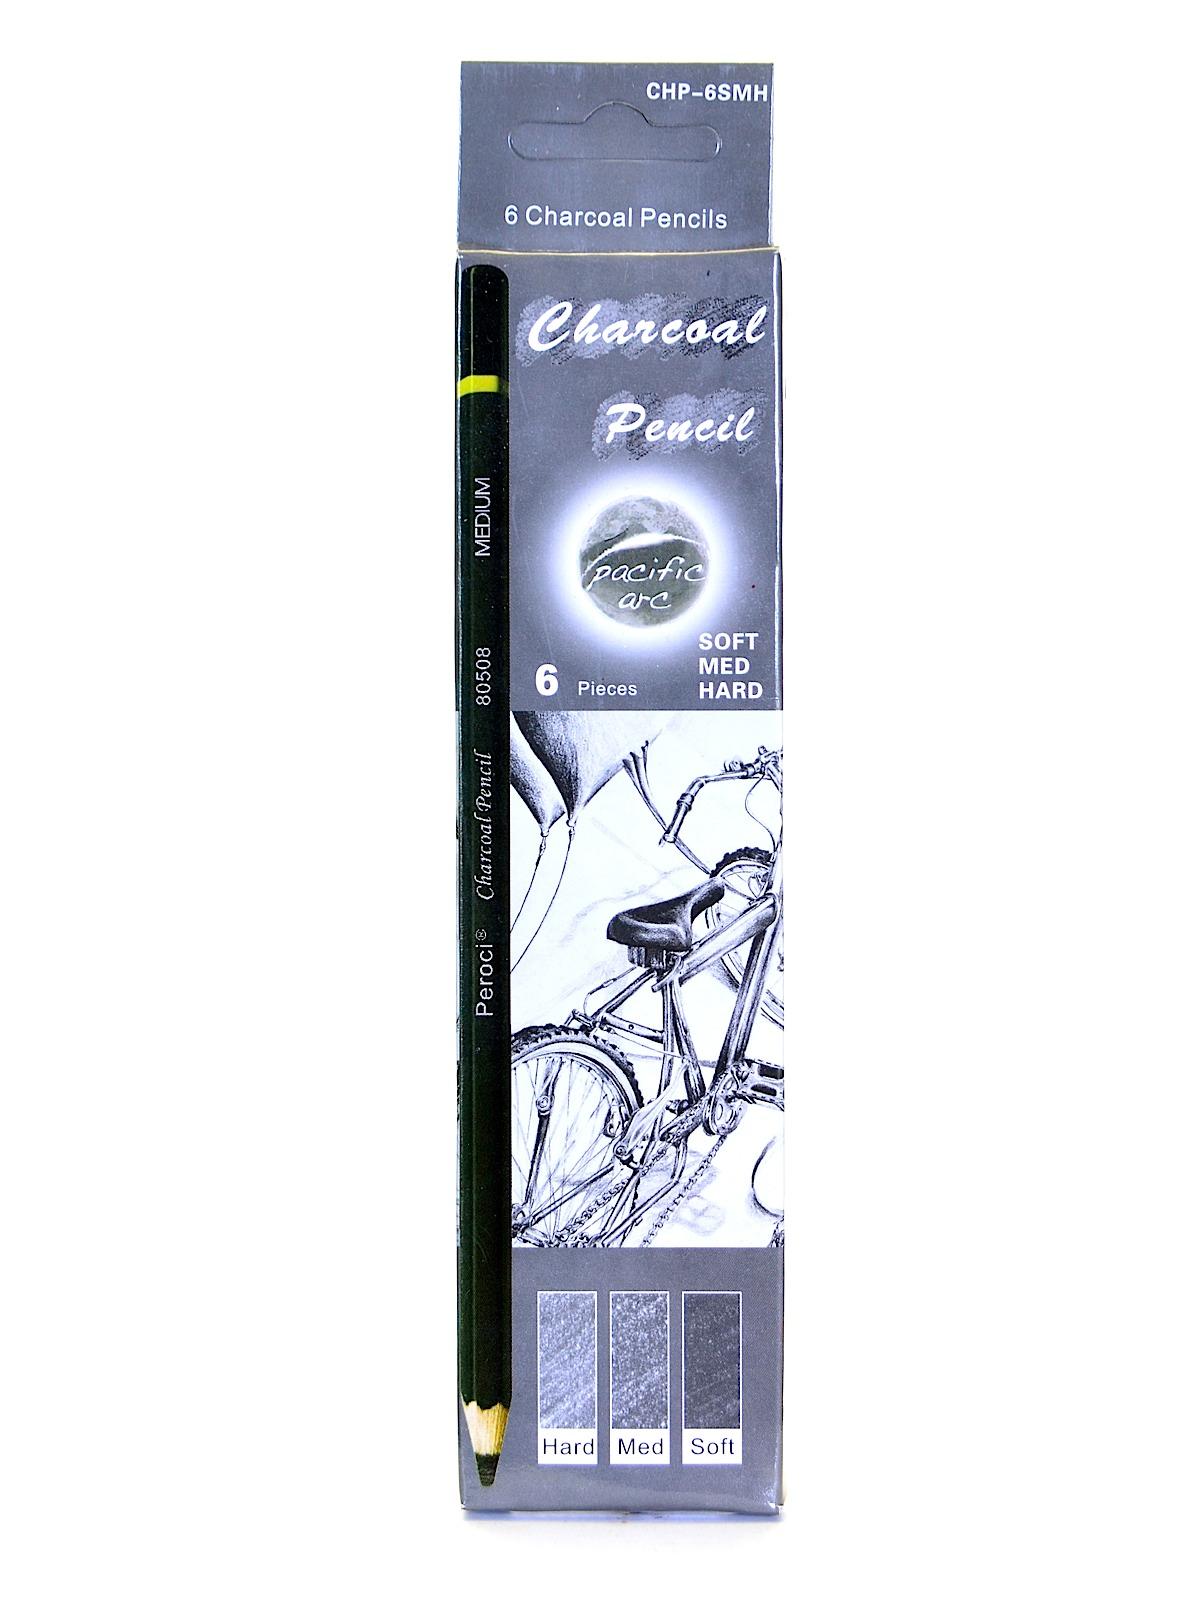 Charcoal Pencil Sets